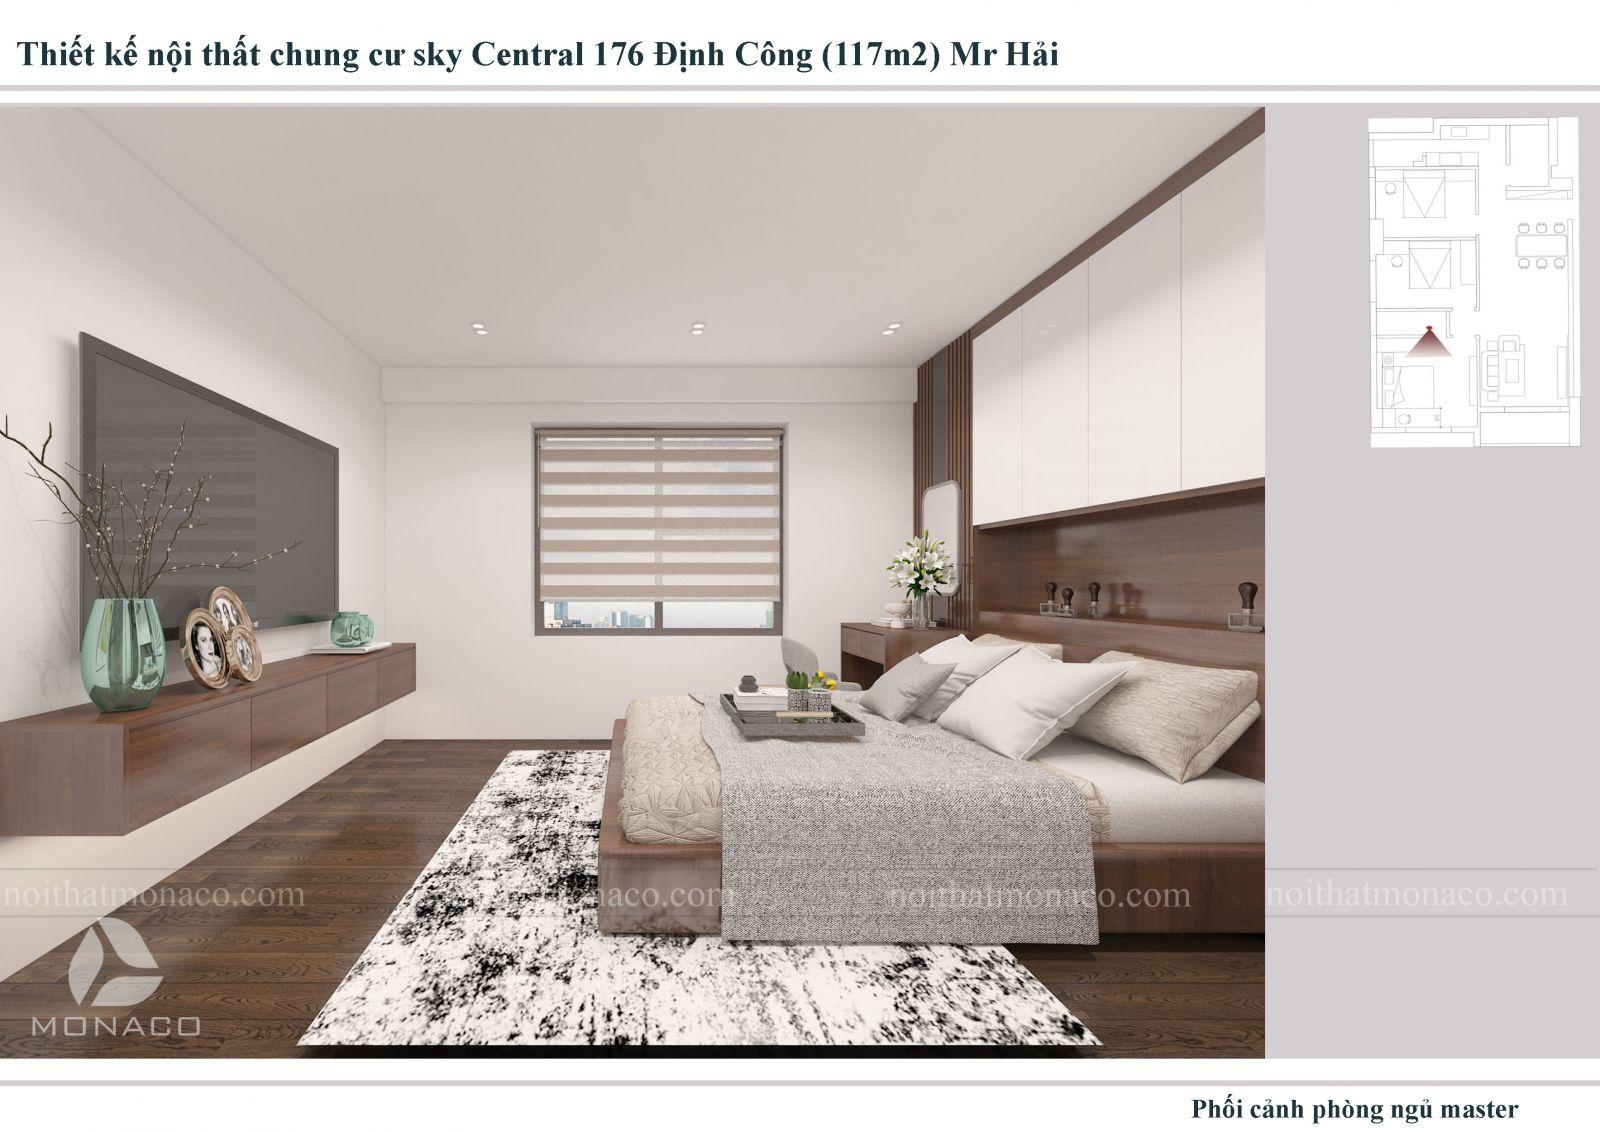 Thiết kế nội thất  phòng ngủ 2 chung cu sky central